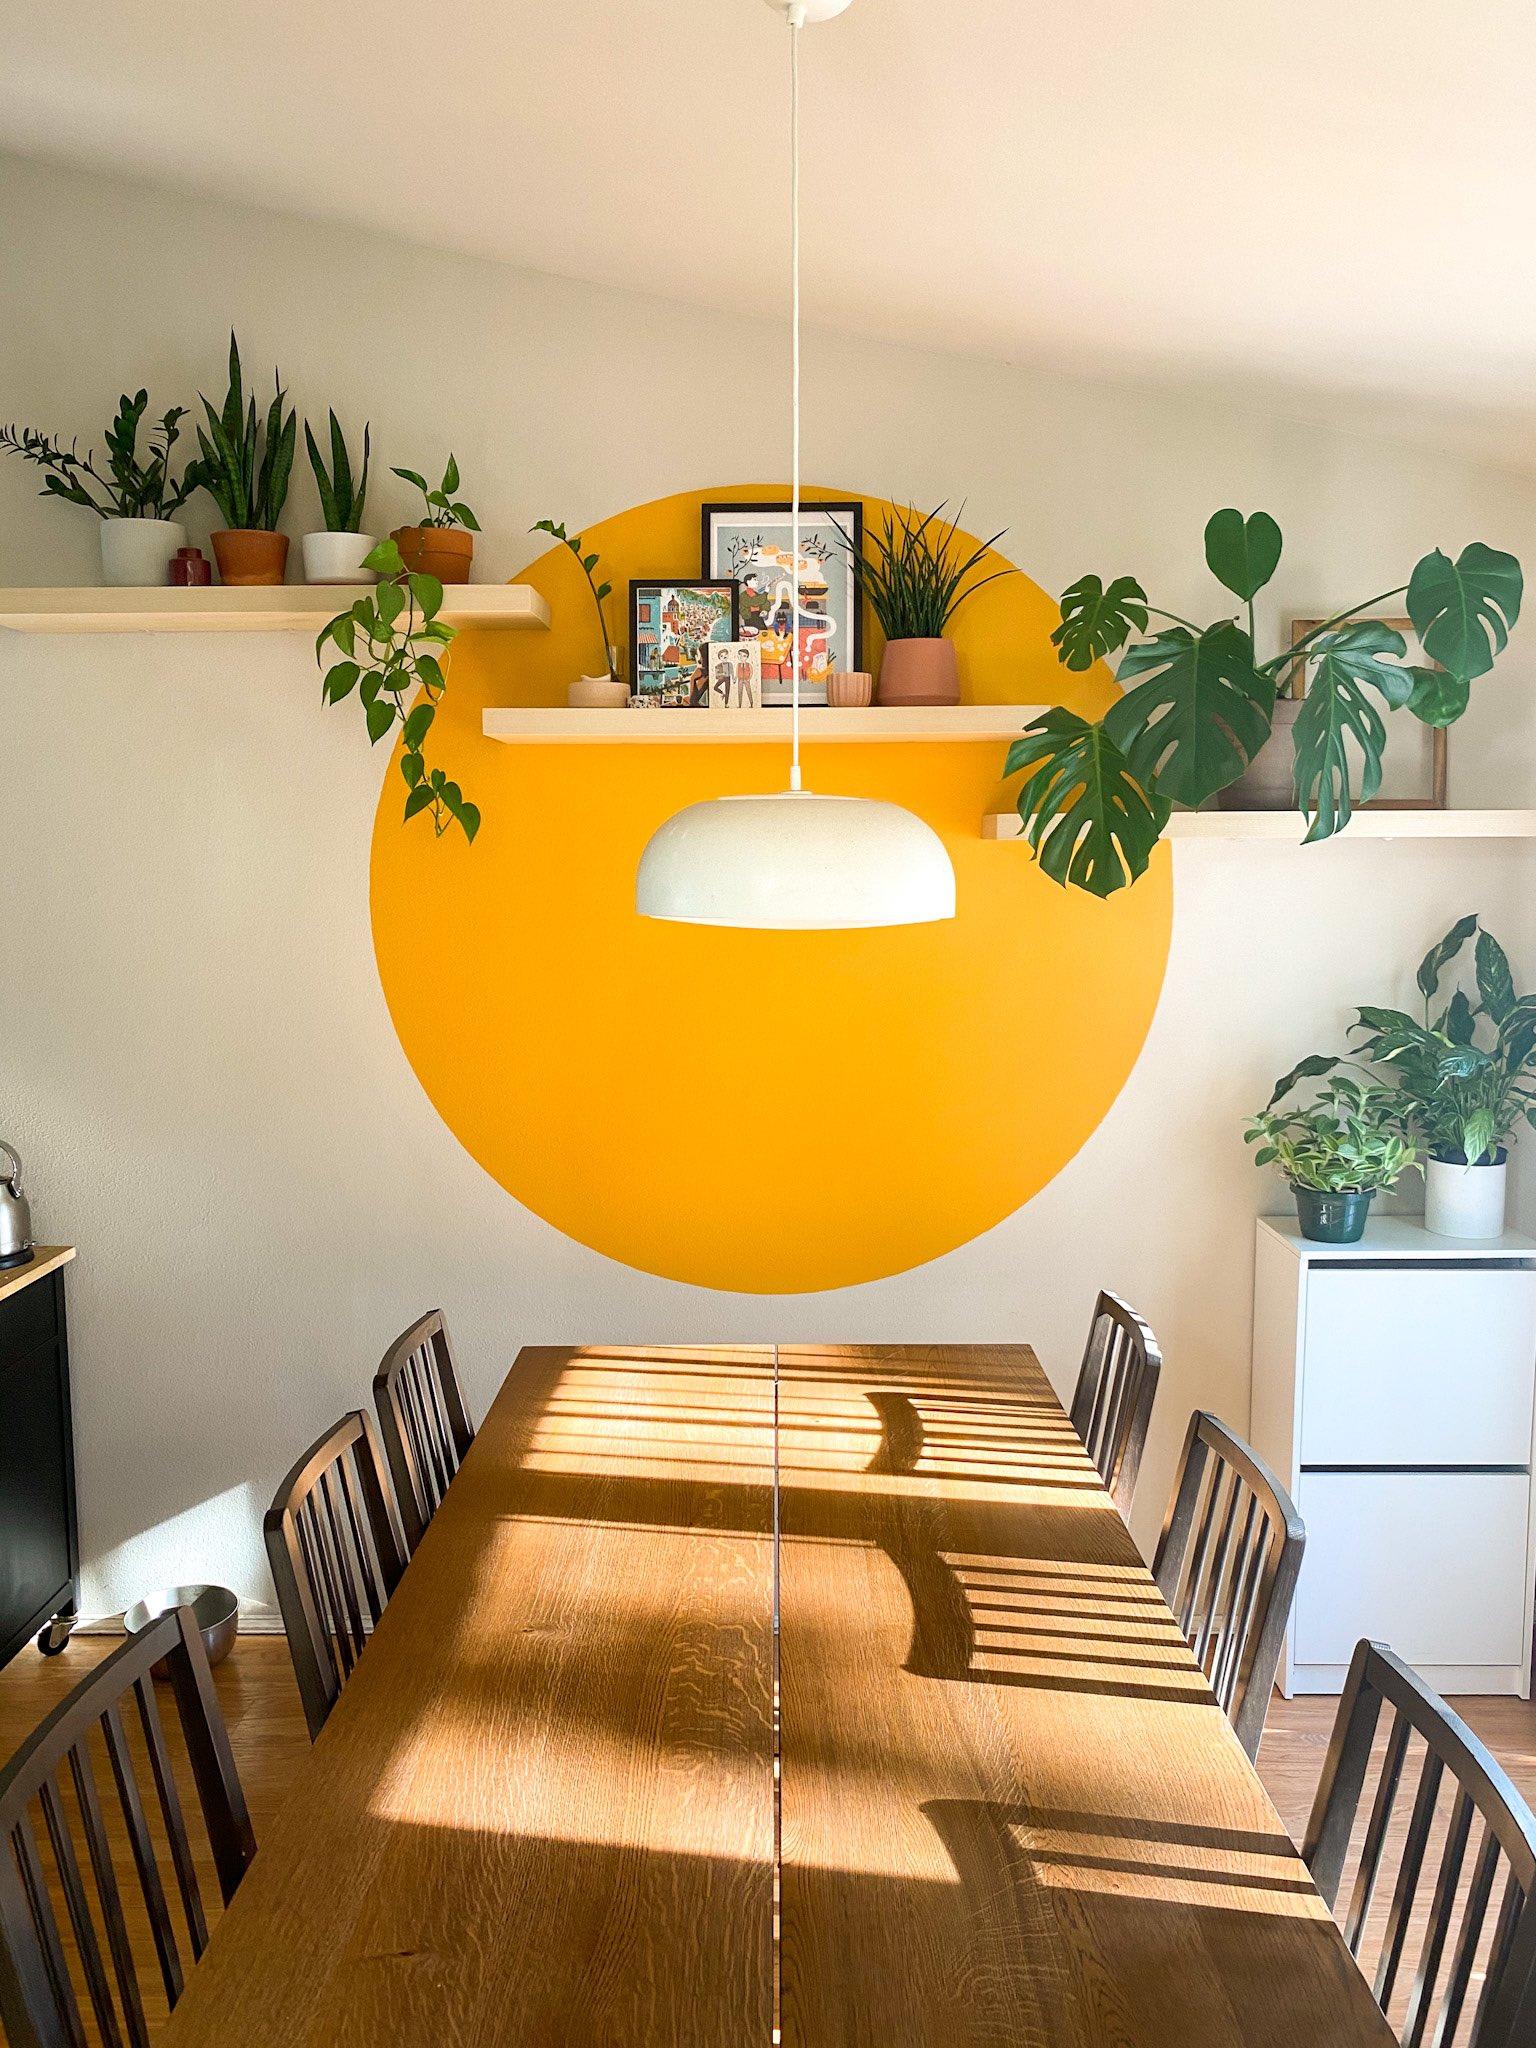 Tom de amarelo vibrante foi o escolhido para o círculo pintado nesta sala de jantar.